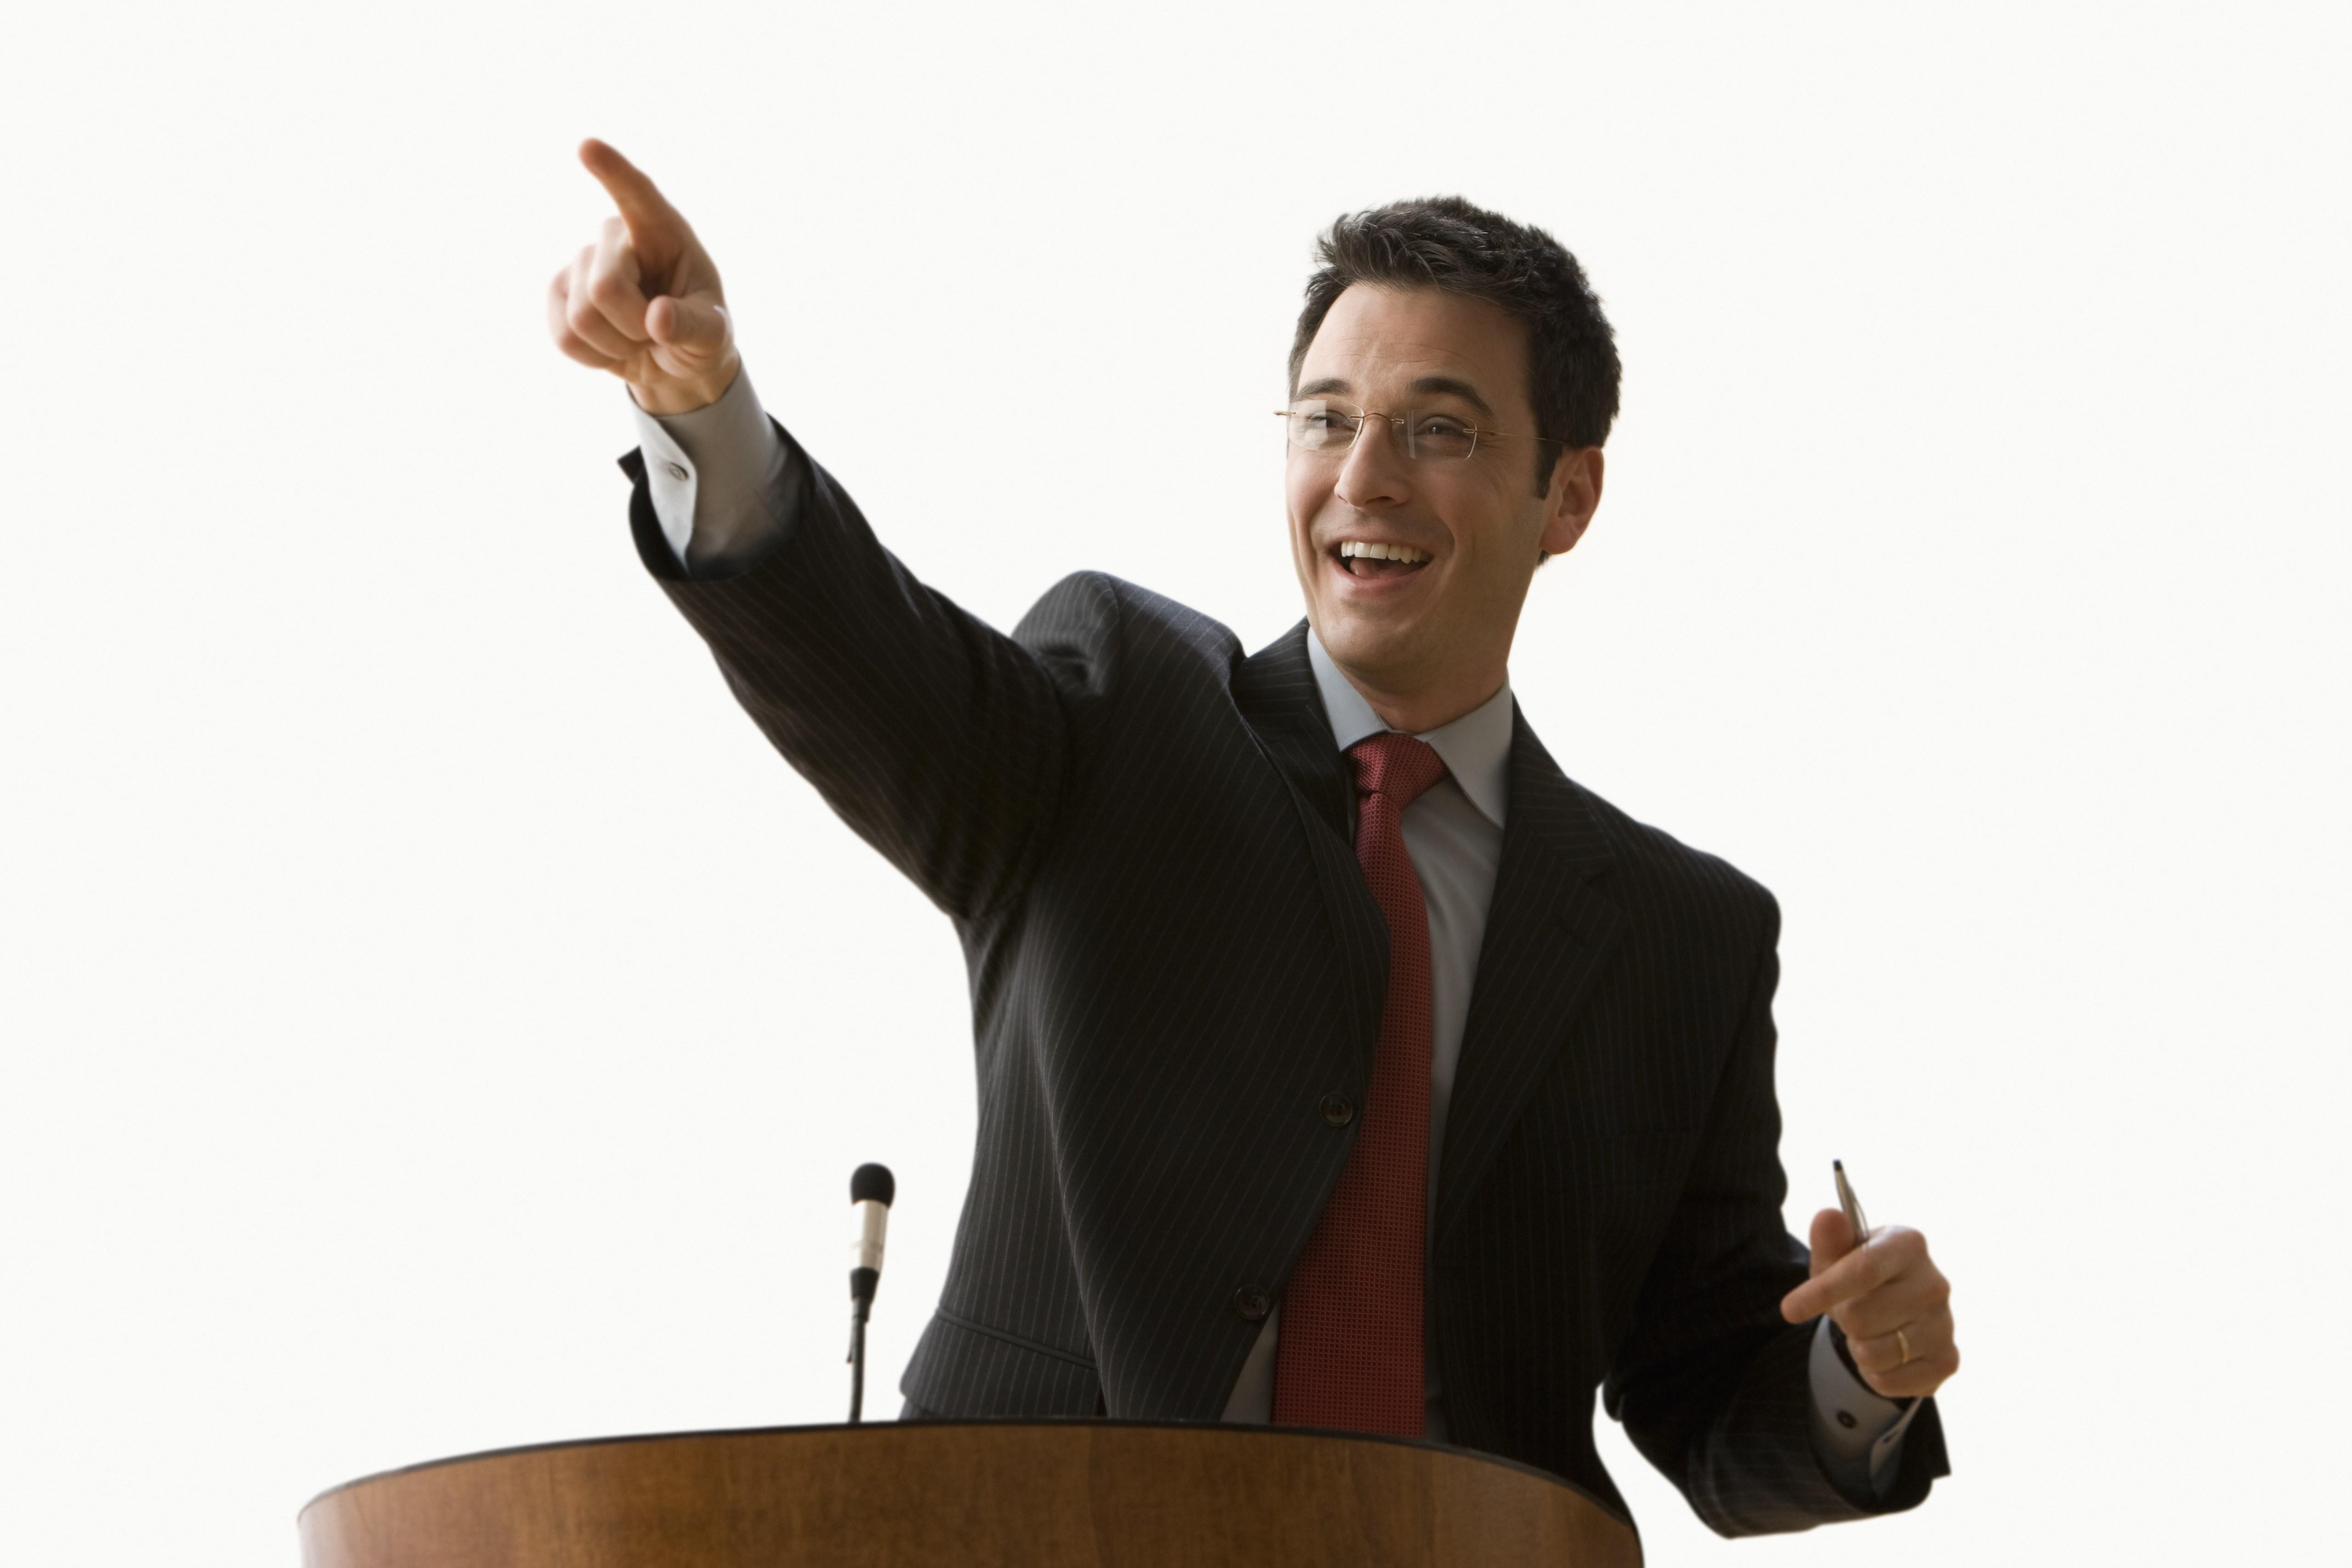 چگونه درست صحبت کنیم و با اعتماد به نفس باشیم-آموزش سخنرانی